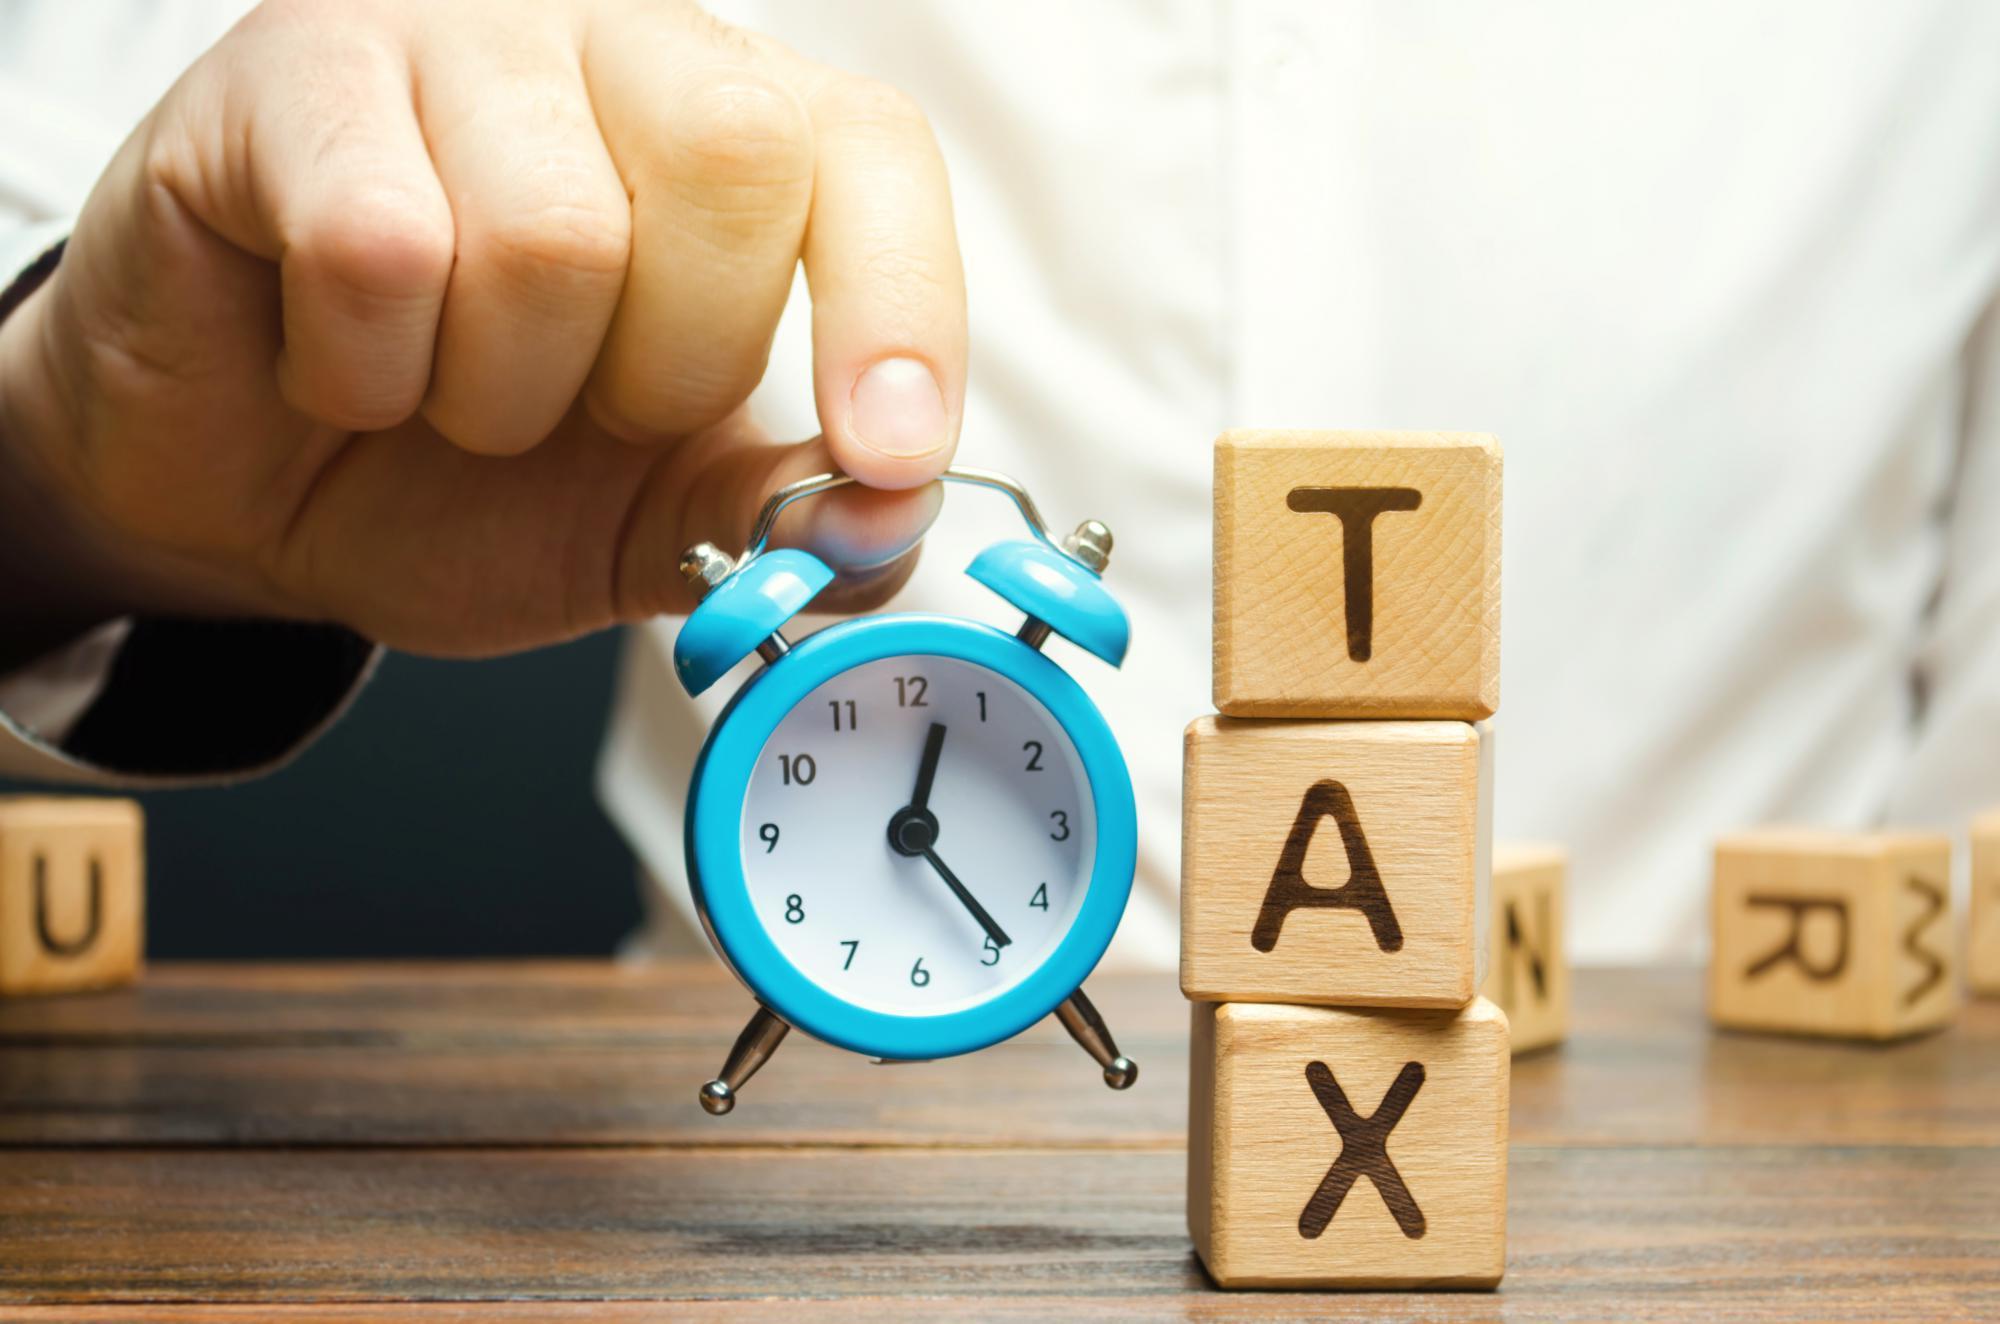 Верховный Суд рассмотрит вопрос о налоговых последствиях торговых премий